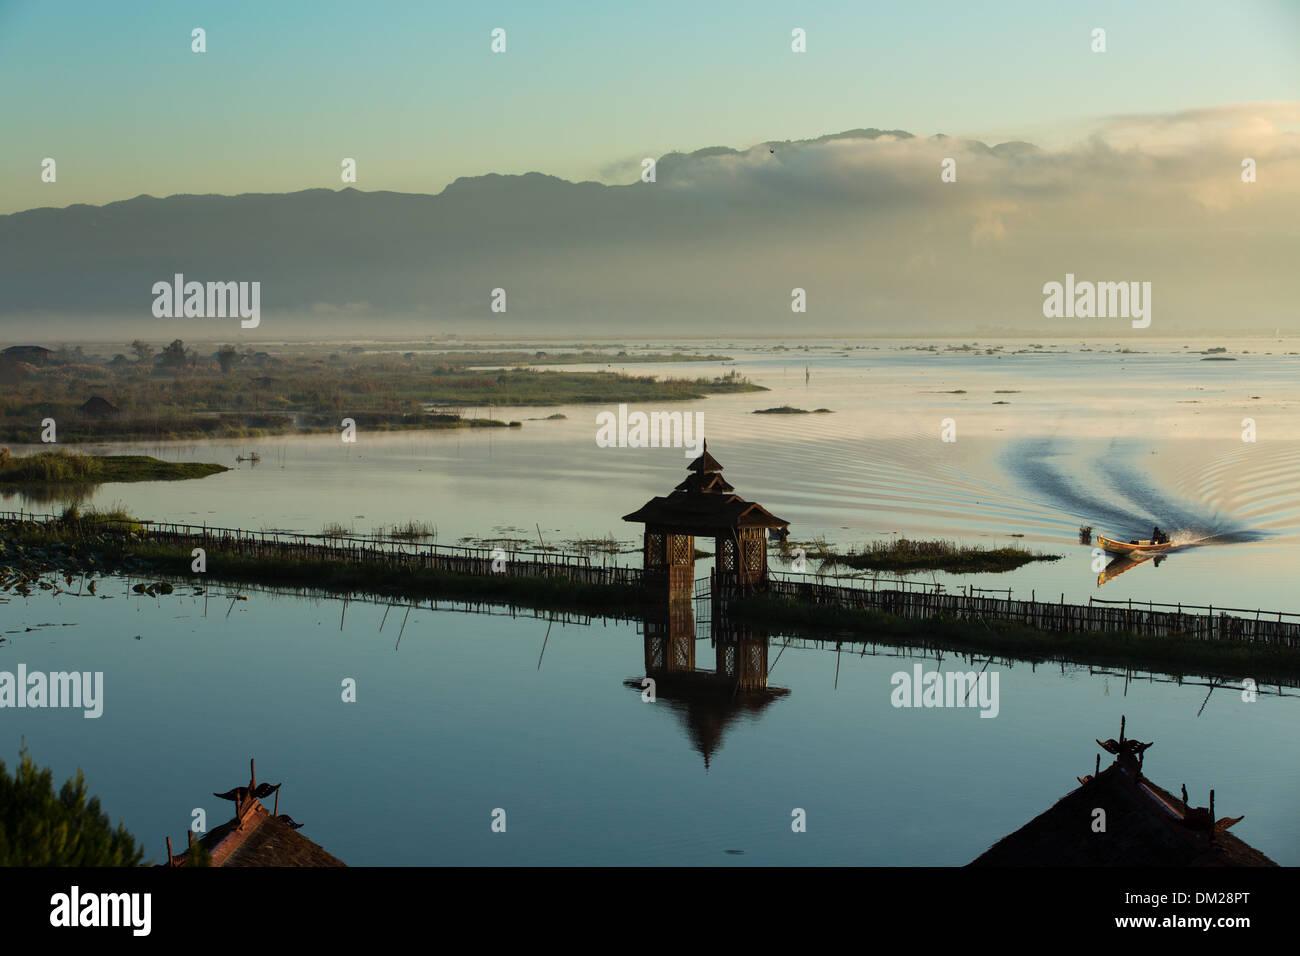 Inle Lake, Myanmar (Burma) - Stock Image